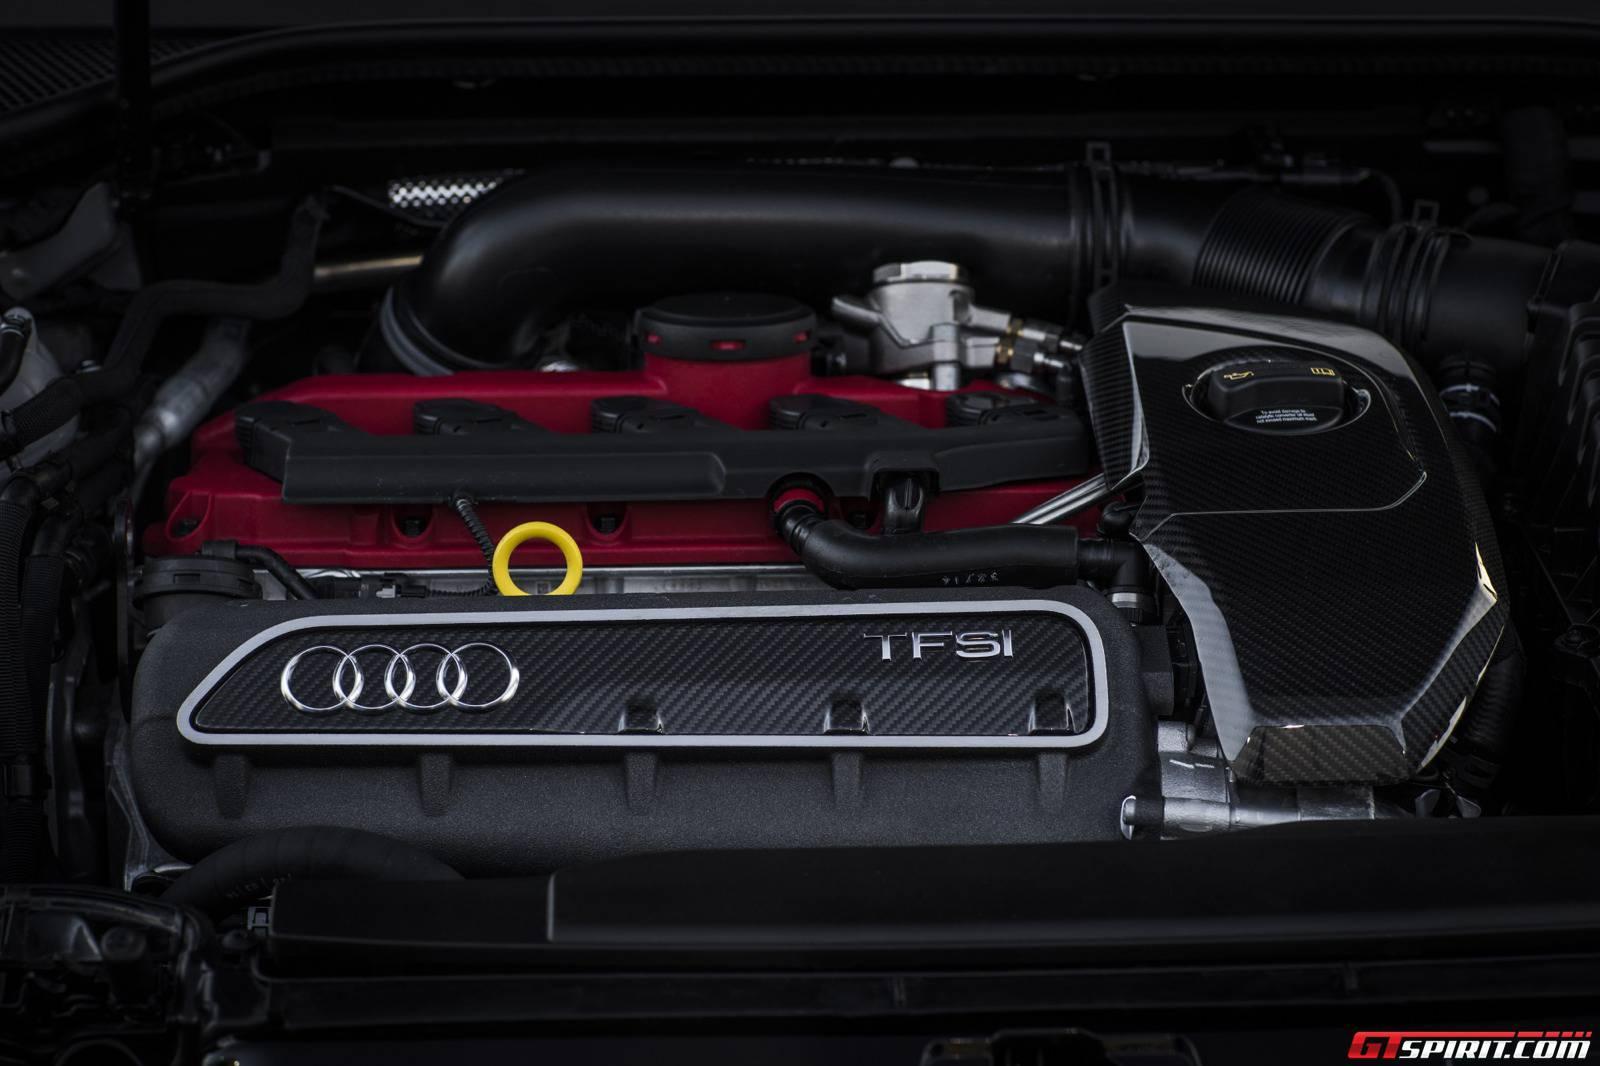 2016 Audi RS3 Sportback Review - GTspirit